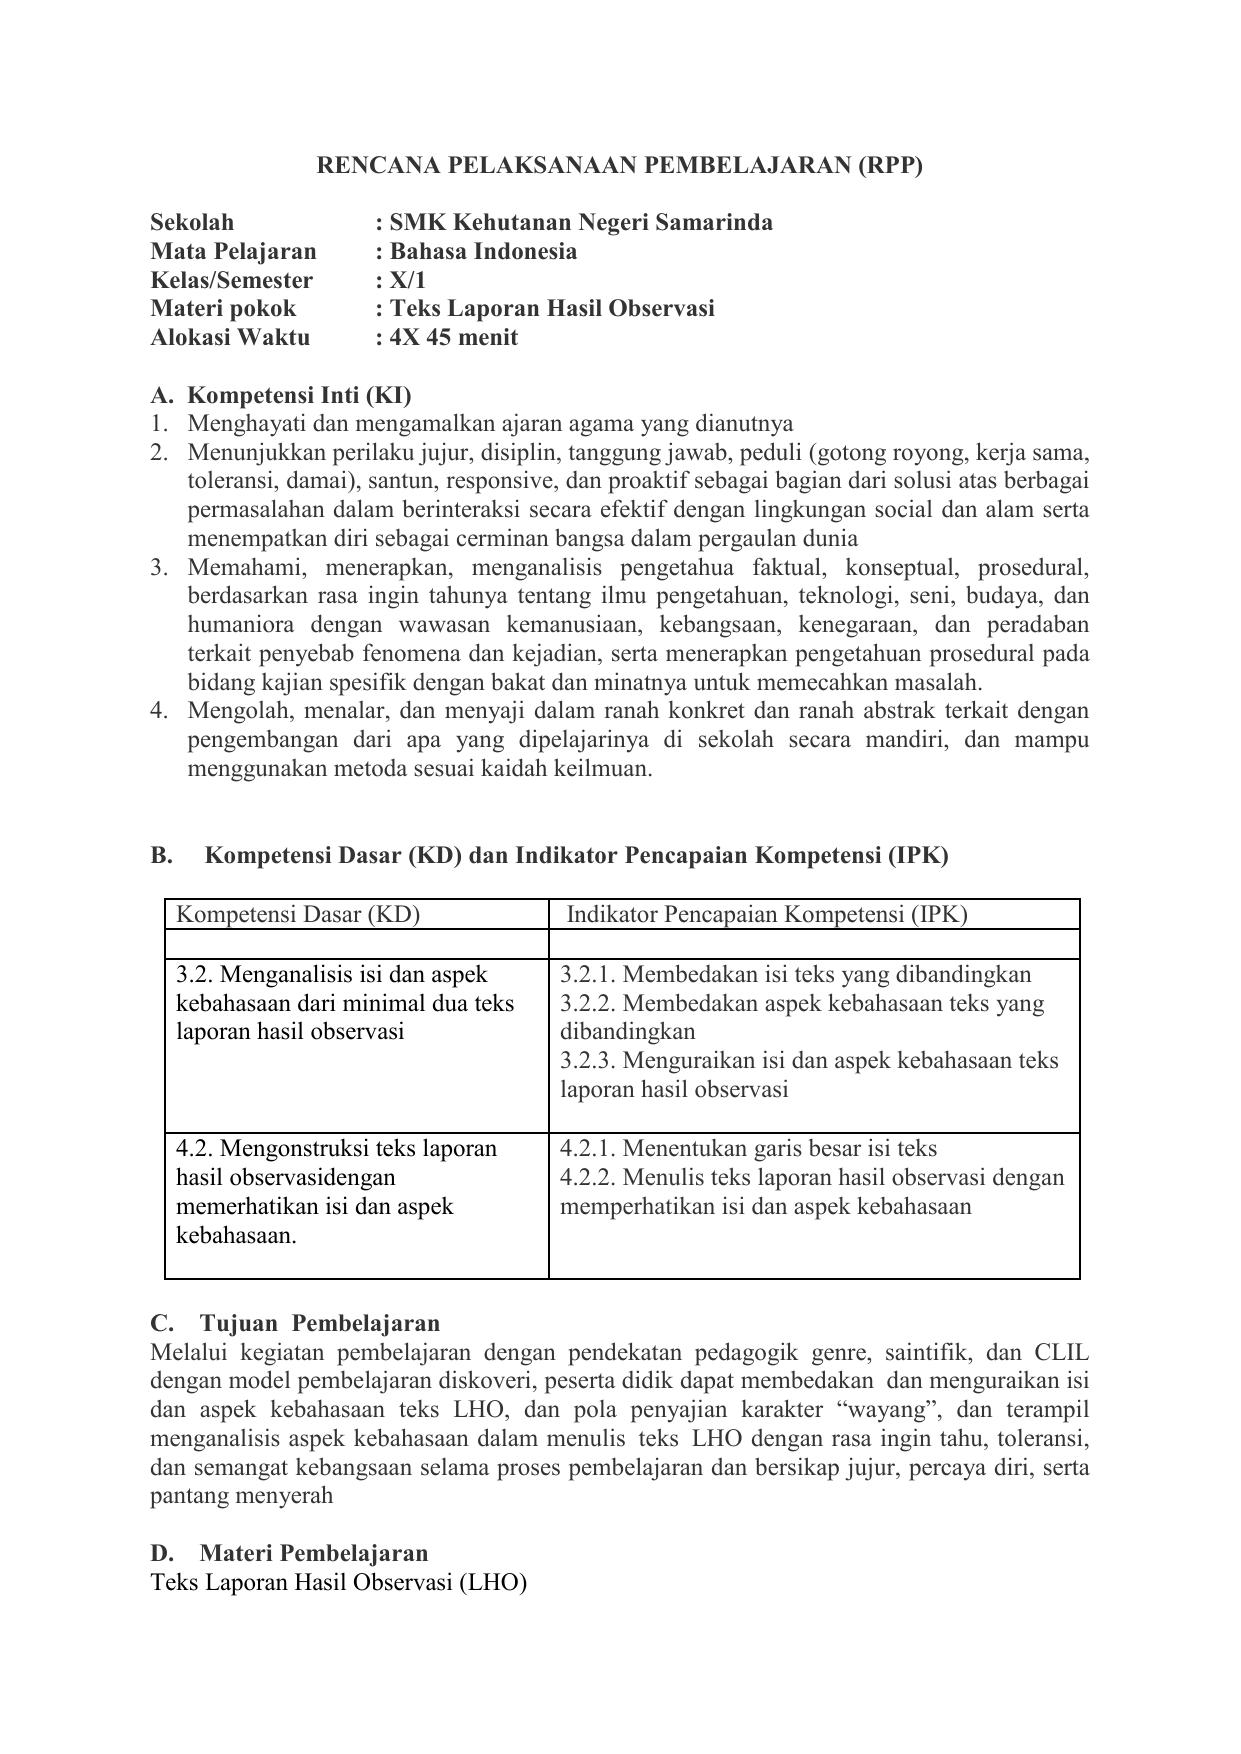 Rpp B Indo Kelas 10 Rev 2018 3 2 Dan 4 2 Teks Laporan Hasil Obervasi